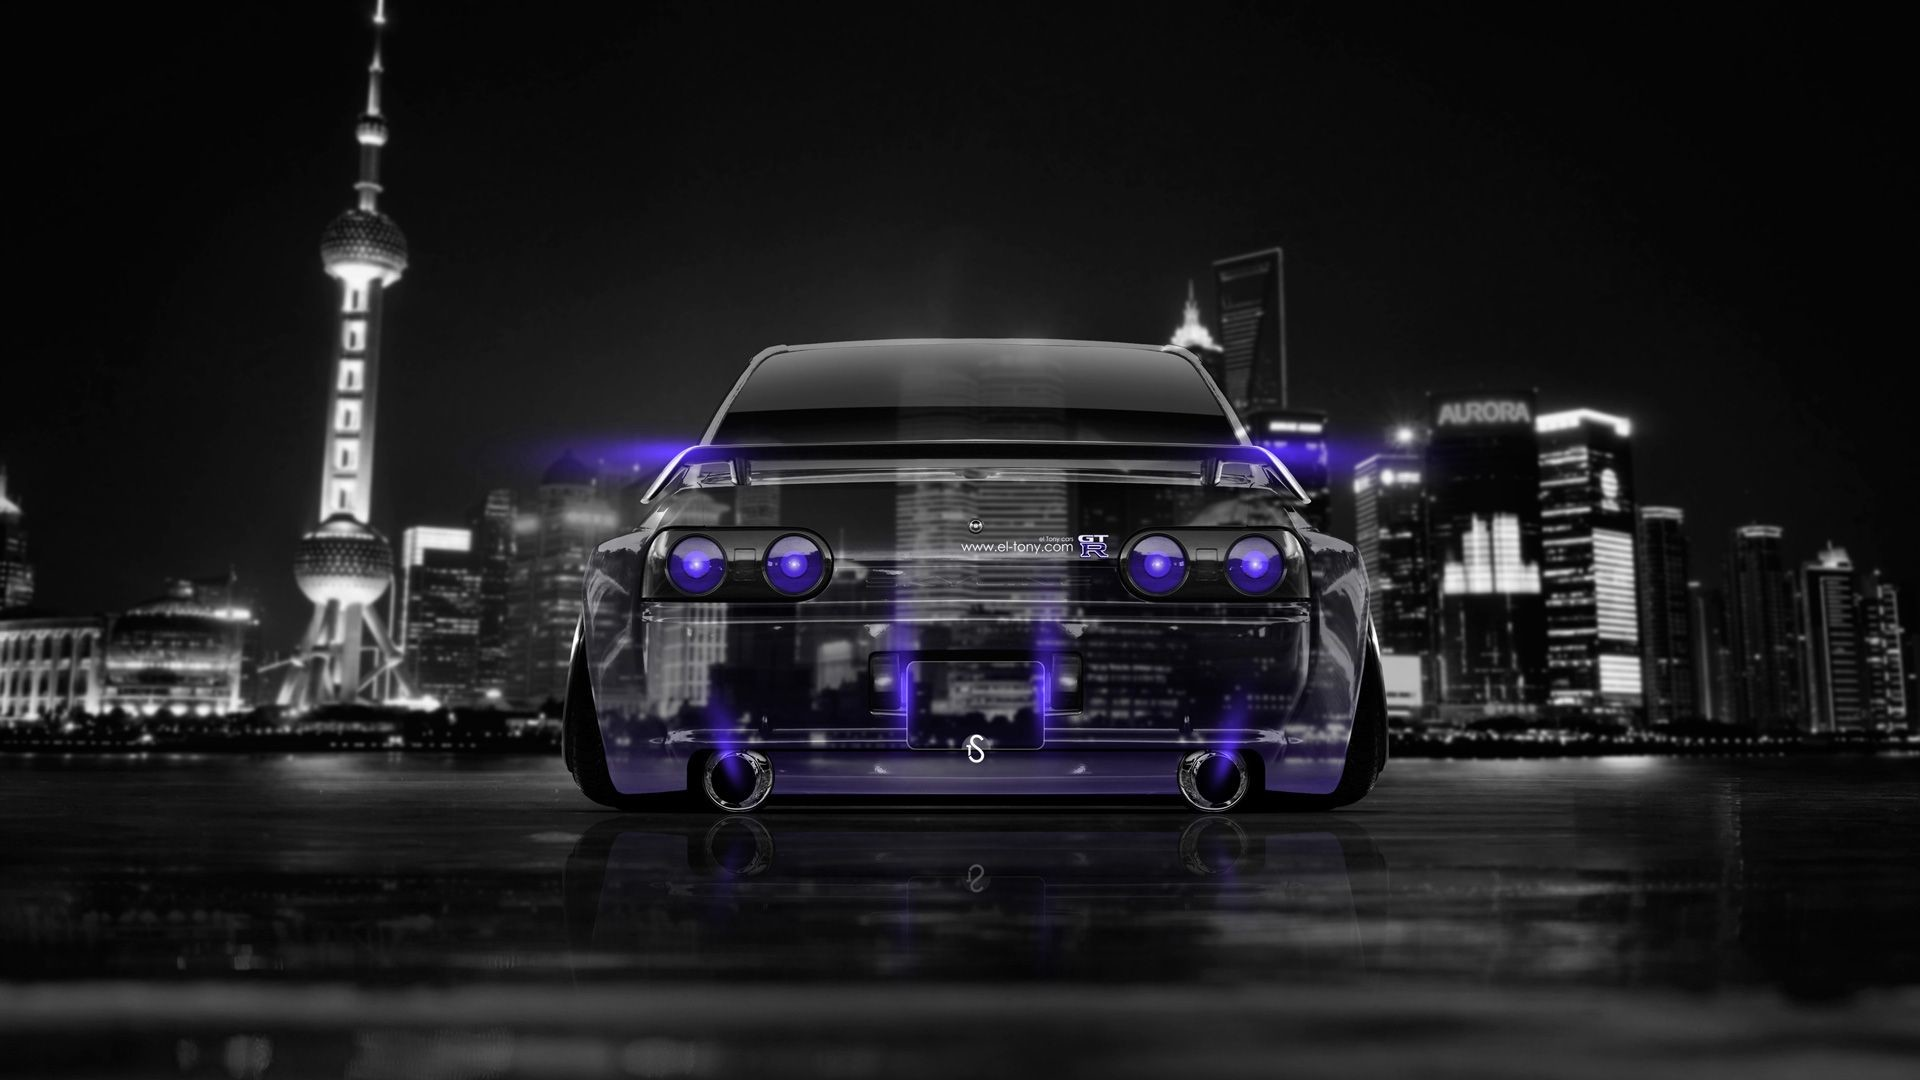 Superieur 1920x1080 Nissan Skyline GTR R32 JDM Back Crystal City Car 2014 Â« El Tony